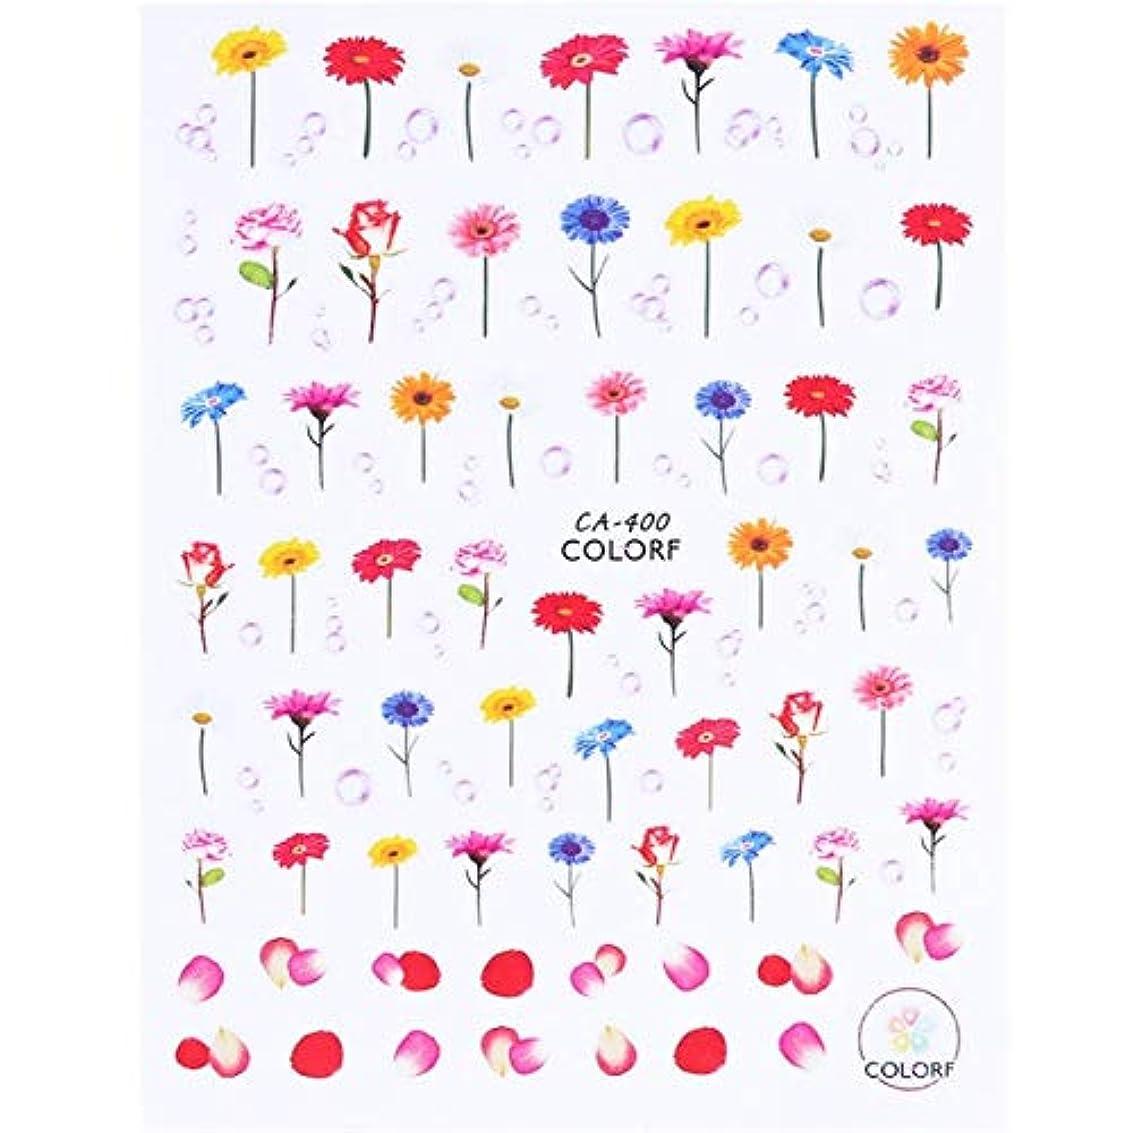 アヒルばかペイントSUKTI&XIAO ネイルステッカー 1ピースネイルアートステッカー花フラワーローズ3Dデカールスライダー動物マニキュア接着剤の爪のヒント装飾